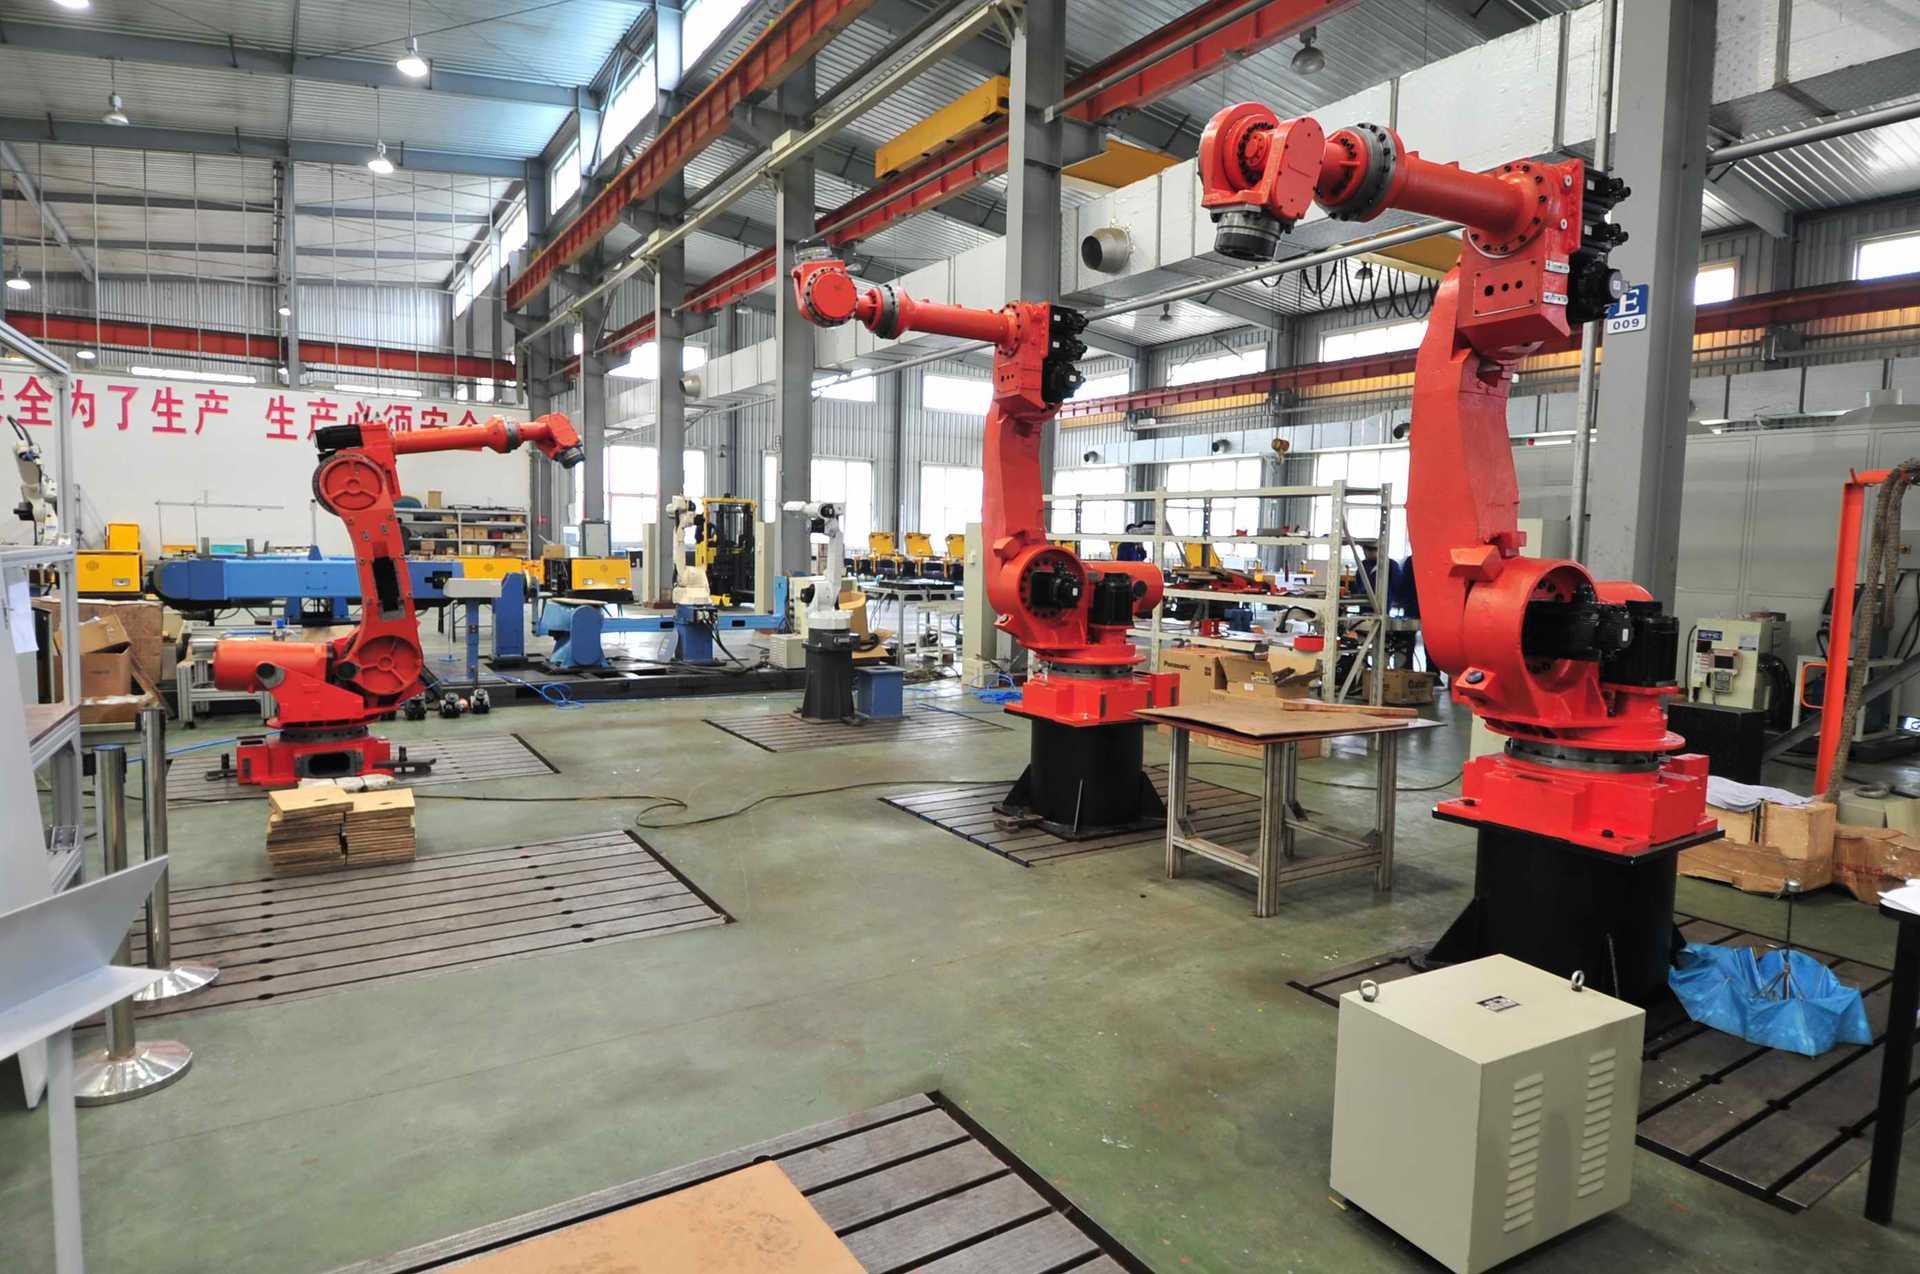 历 人工智能 国产化pr 1型机器人